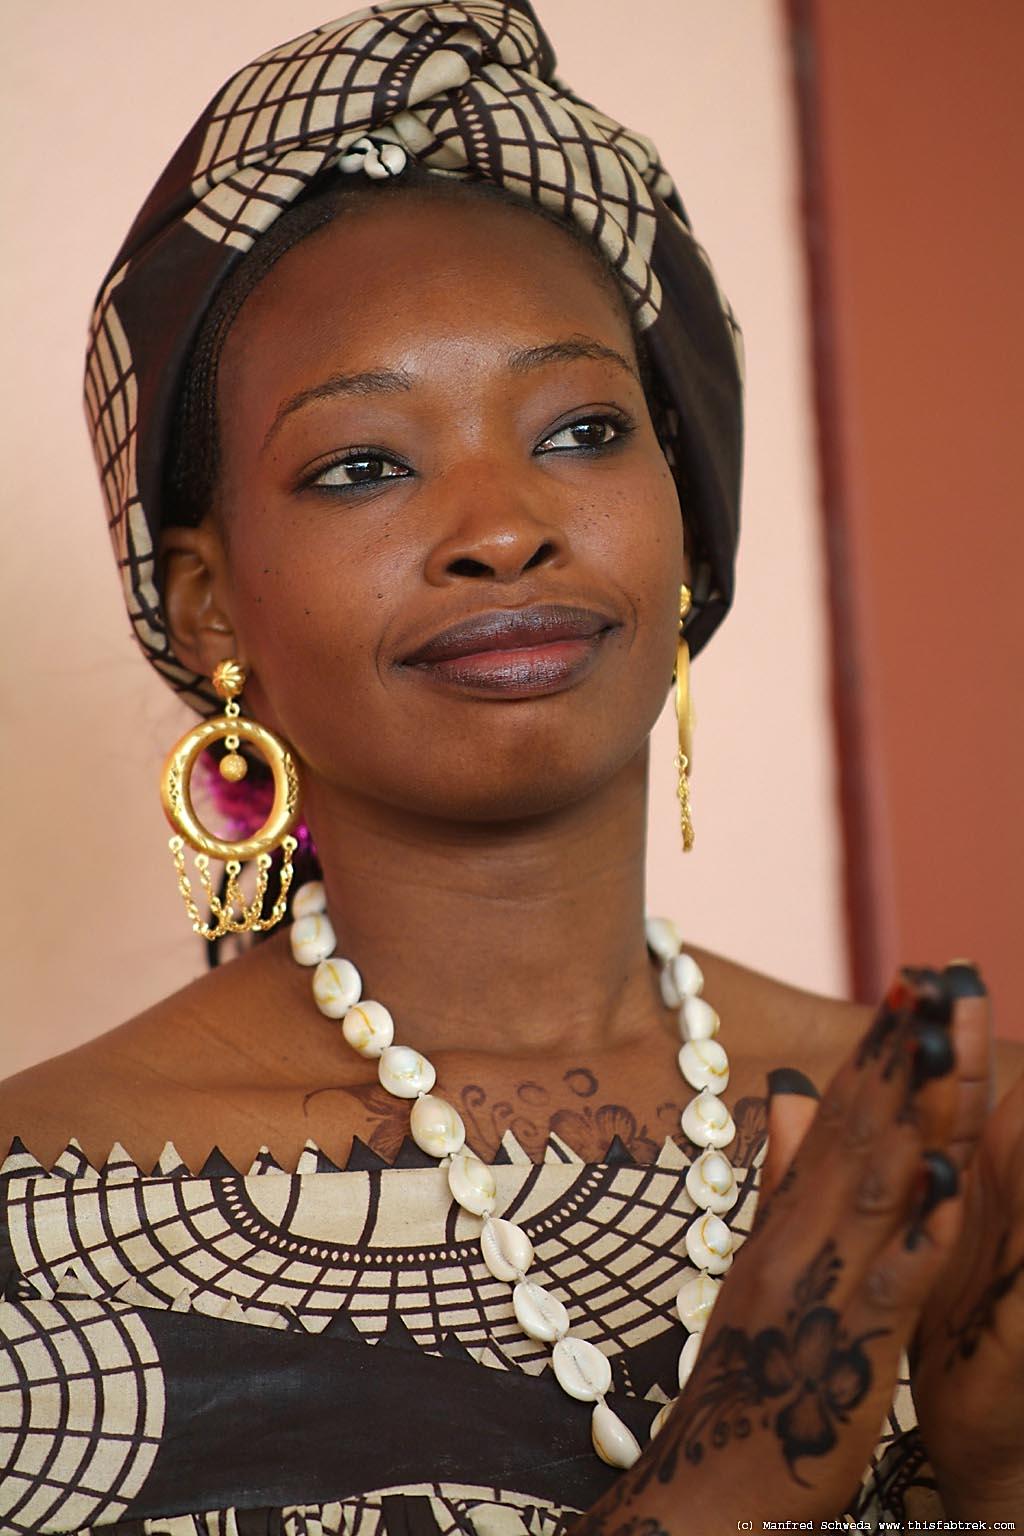 Afrique : Mounira Mitchala, Daphné, Zeynab et autres disent non aux violences faites aux femmes